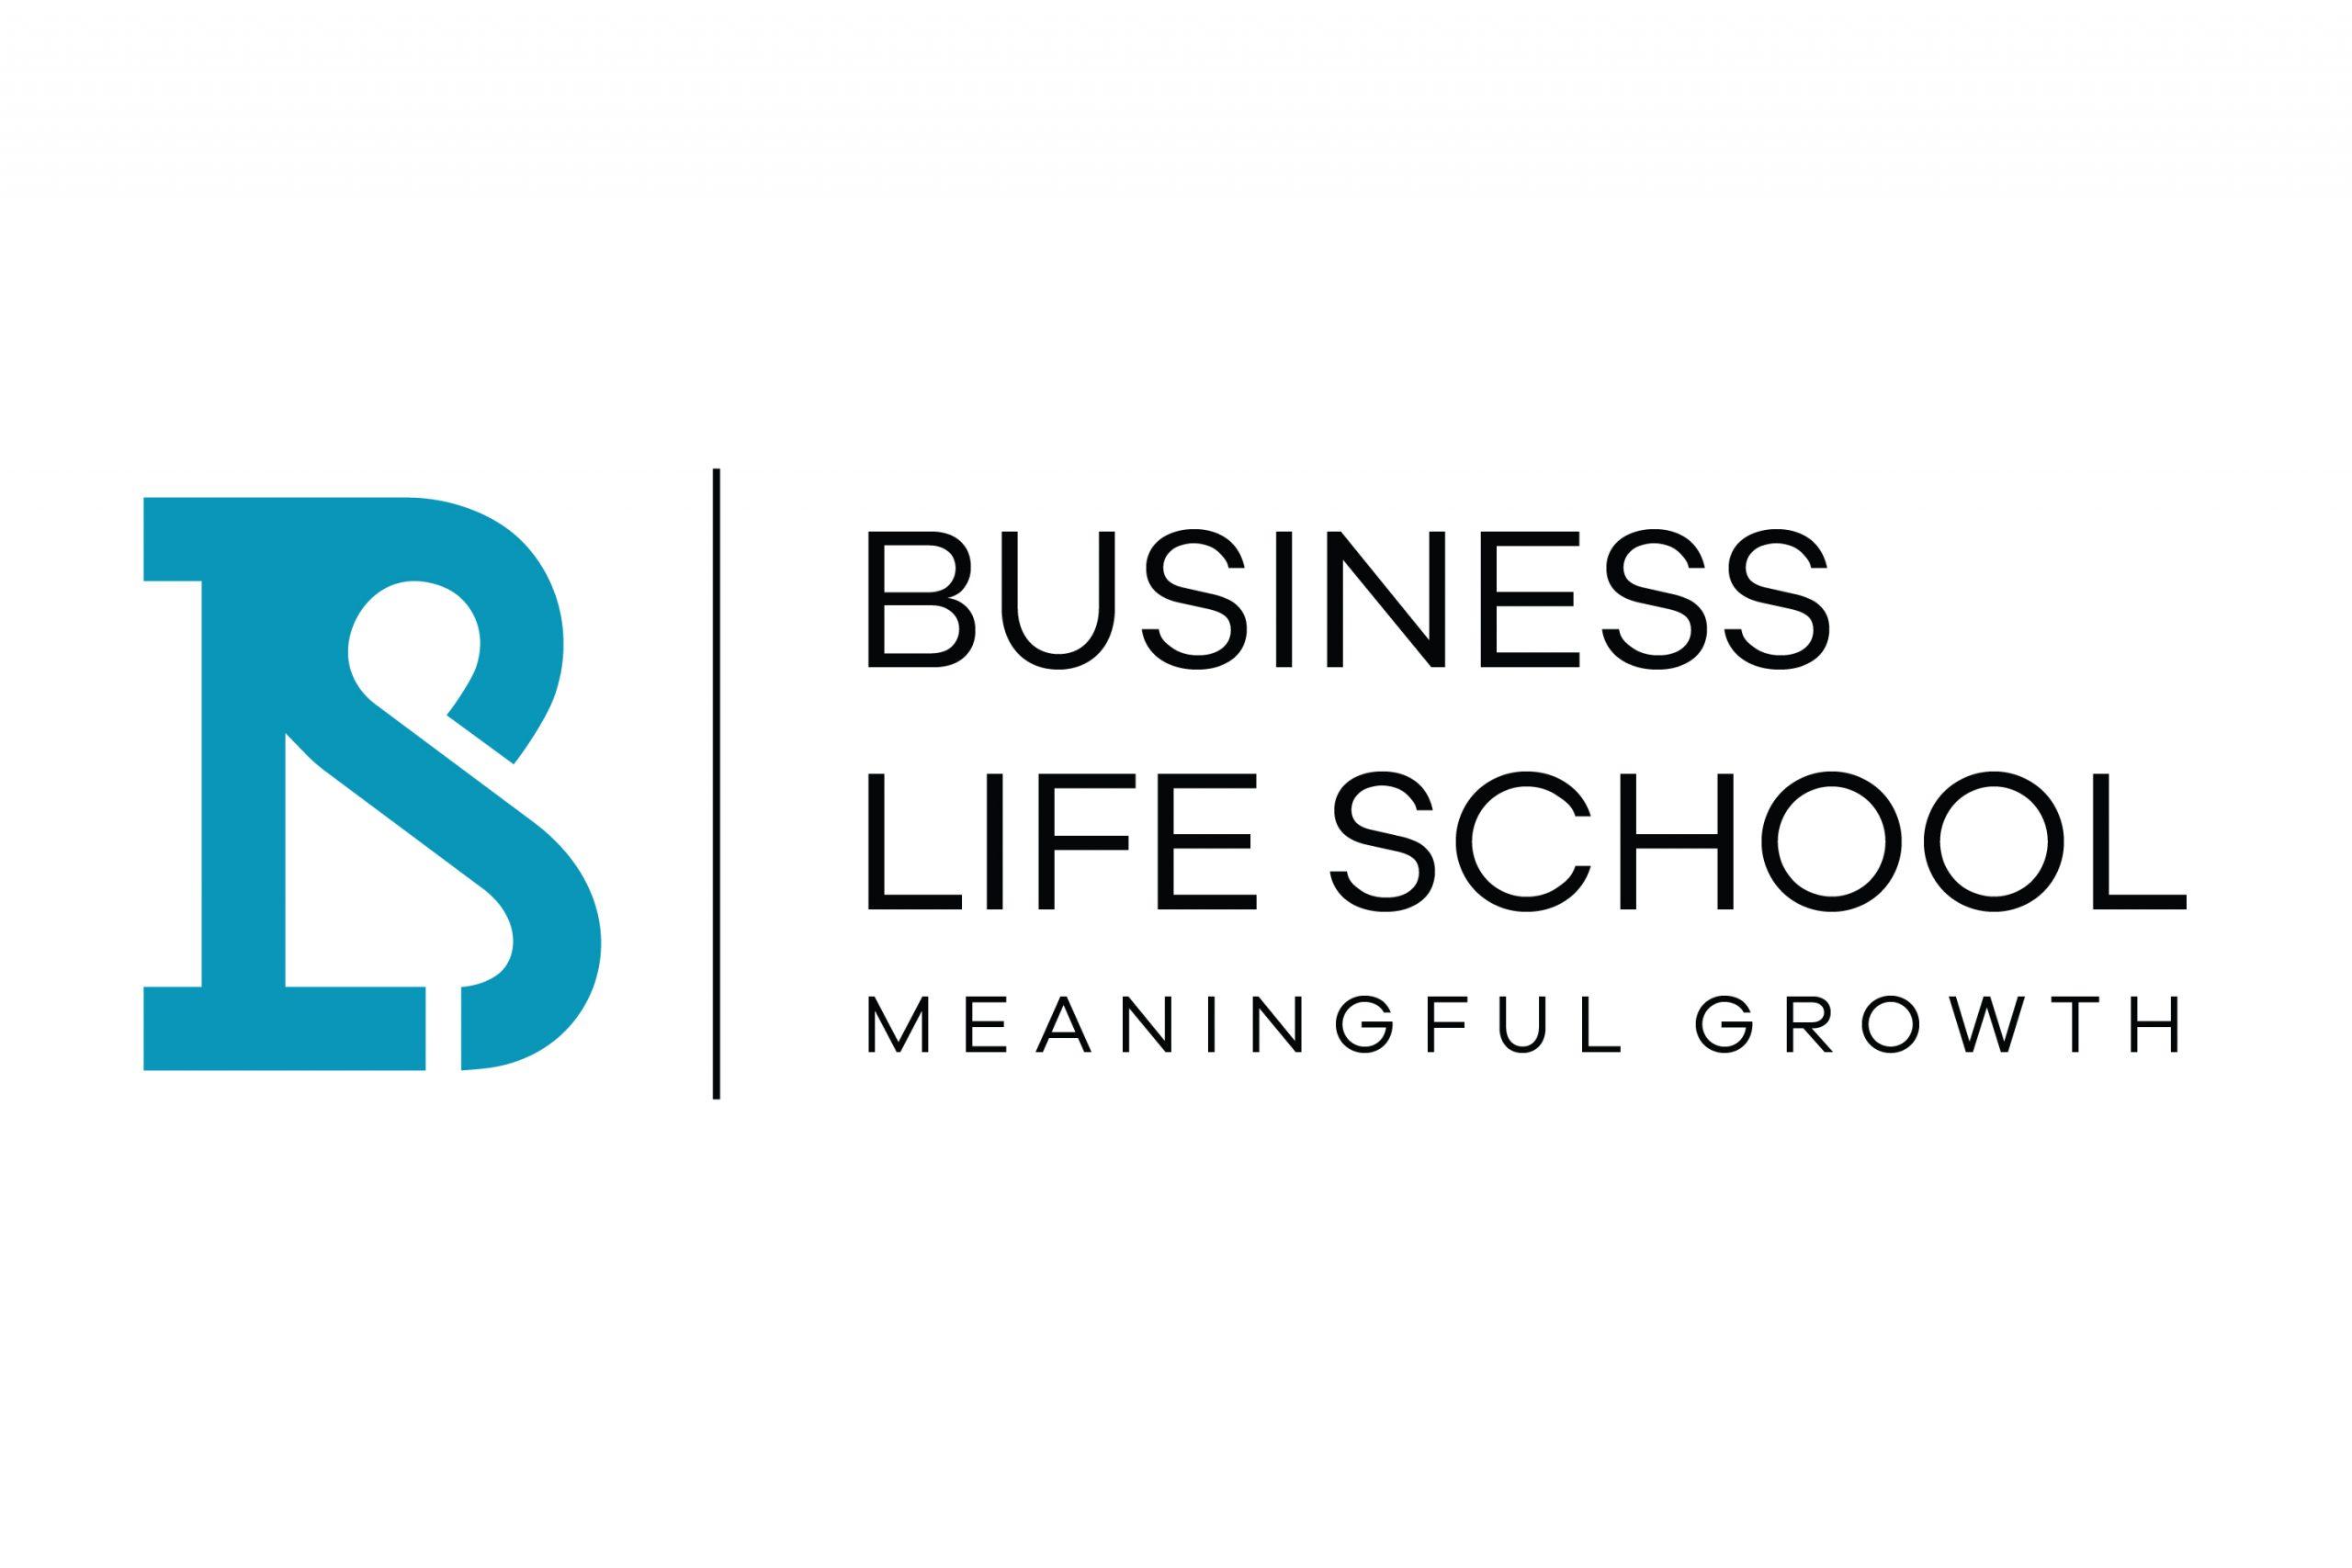 businesslifeschool